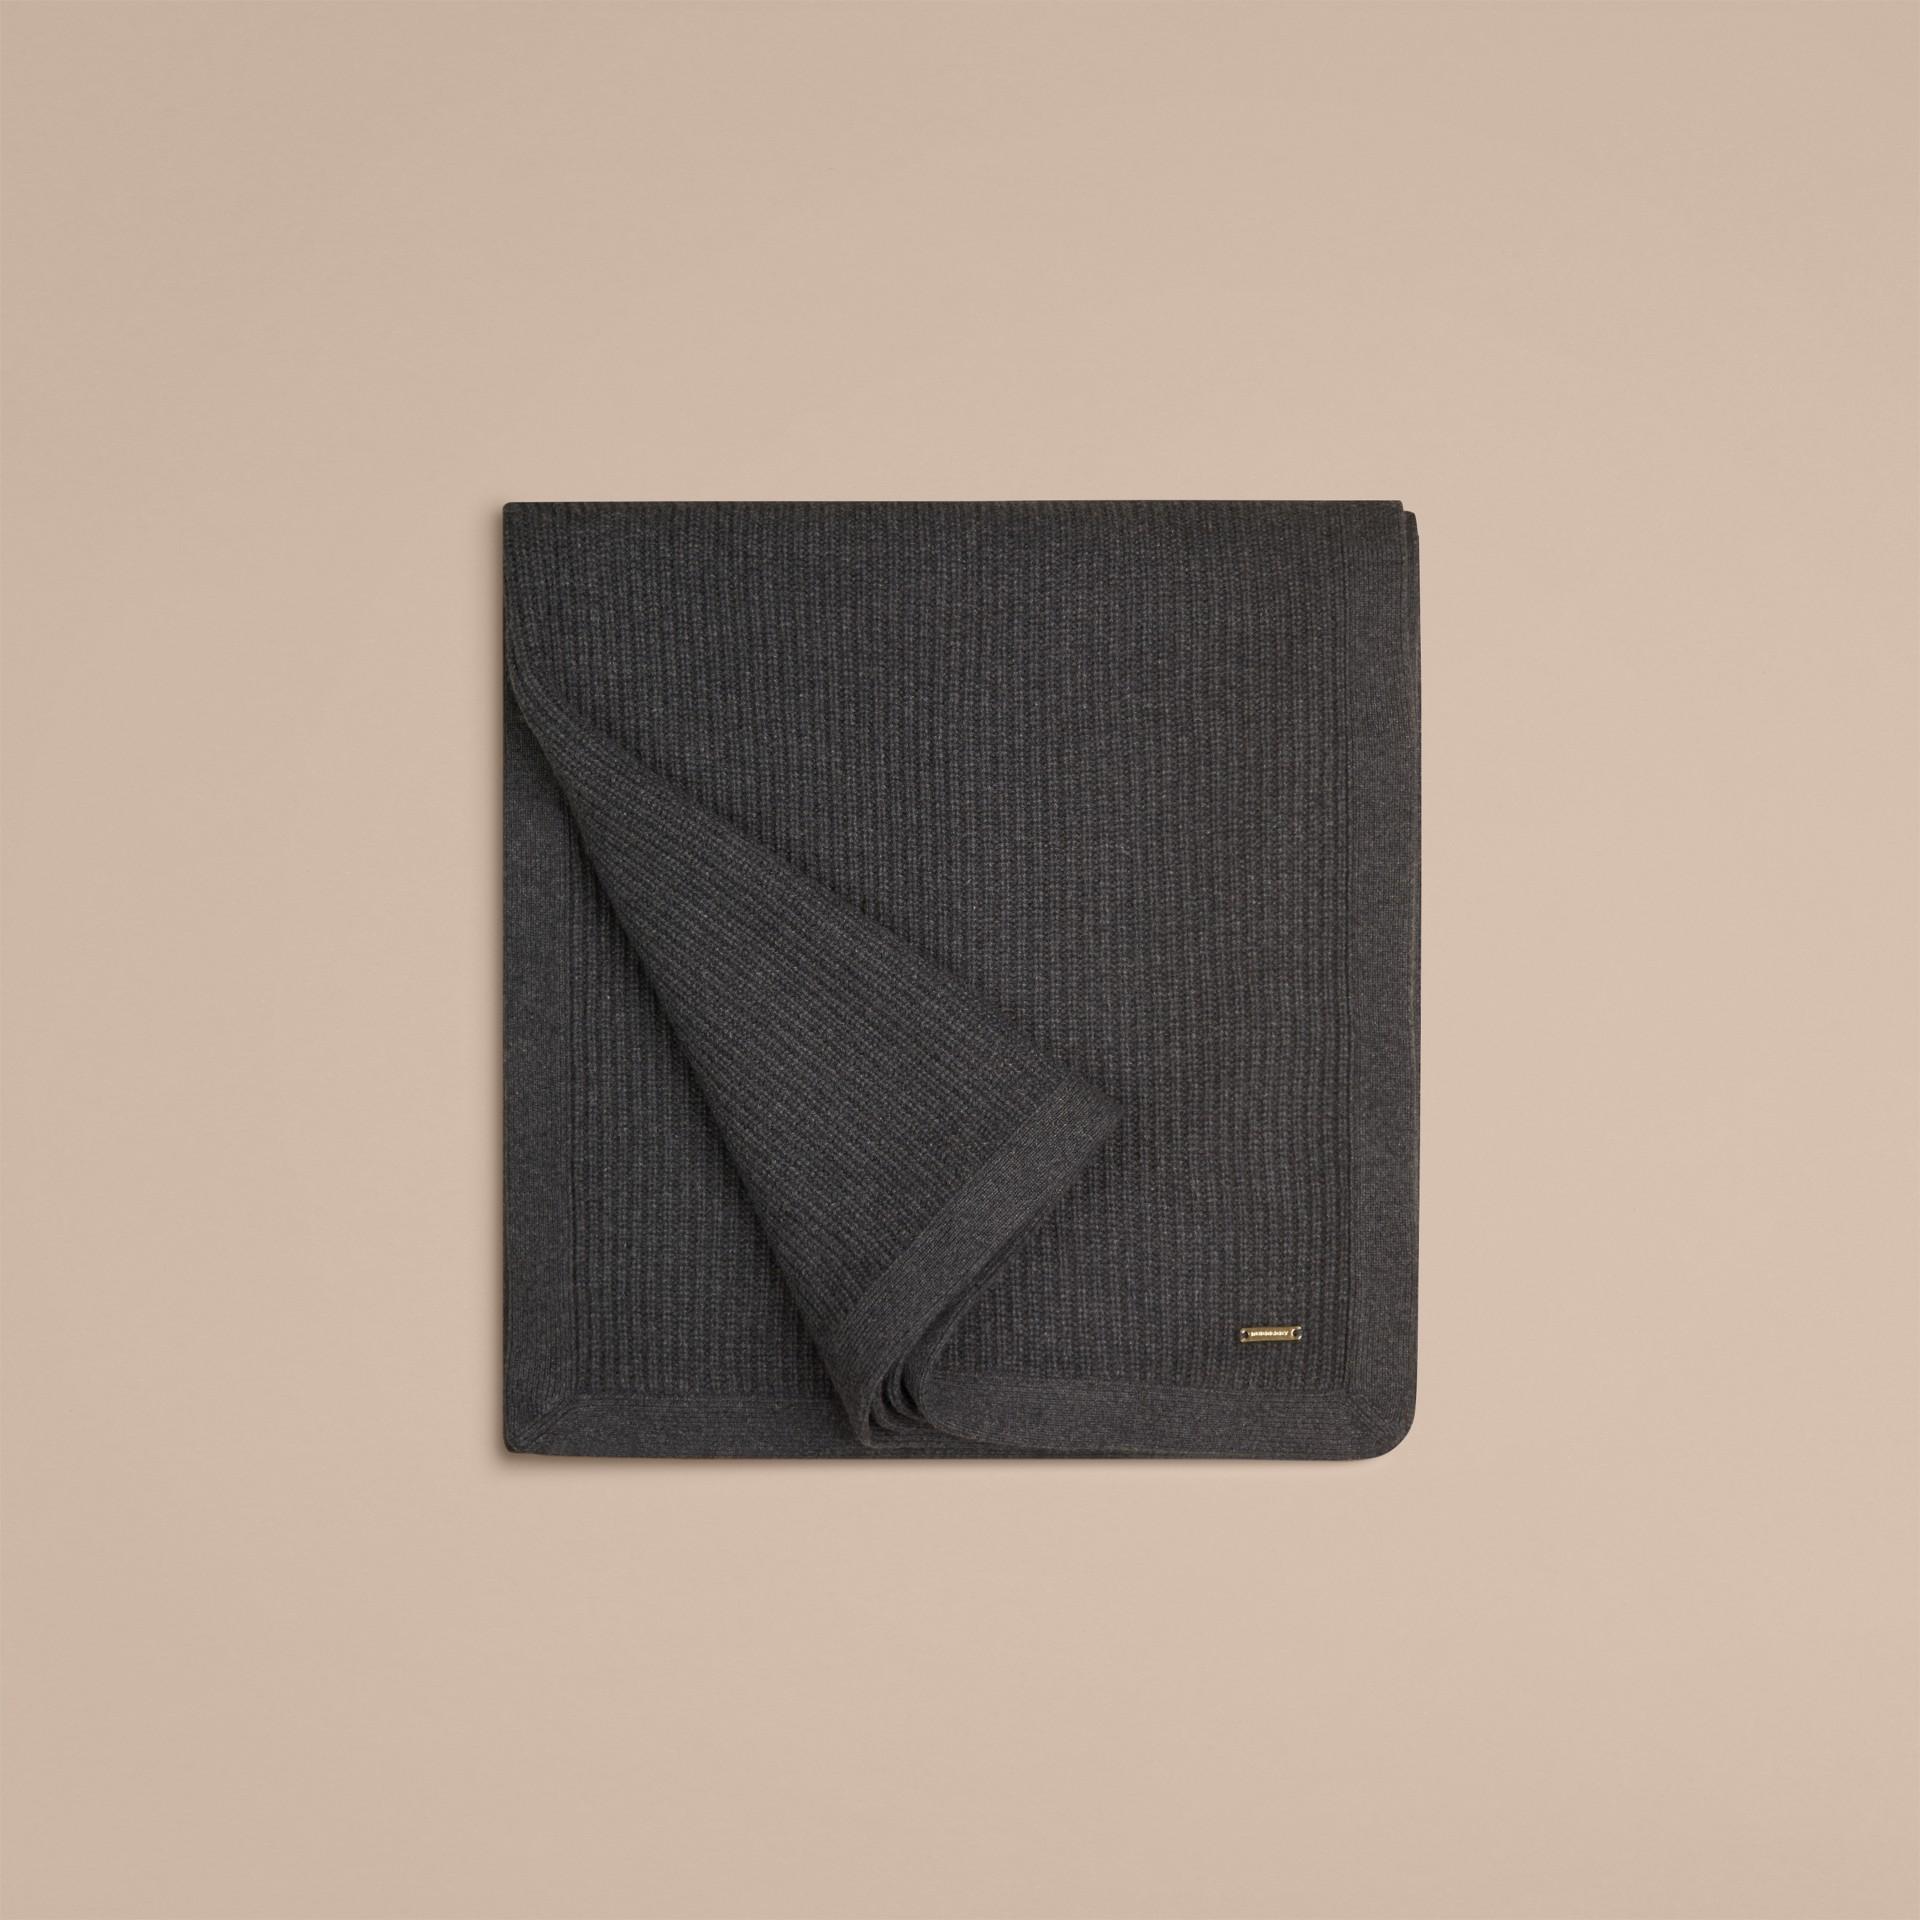 Grigio scuro mélange Coperta in cashmere con lavorazione a costine Grigio Scuro Mélange - immagine della galleria 3